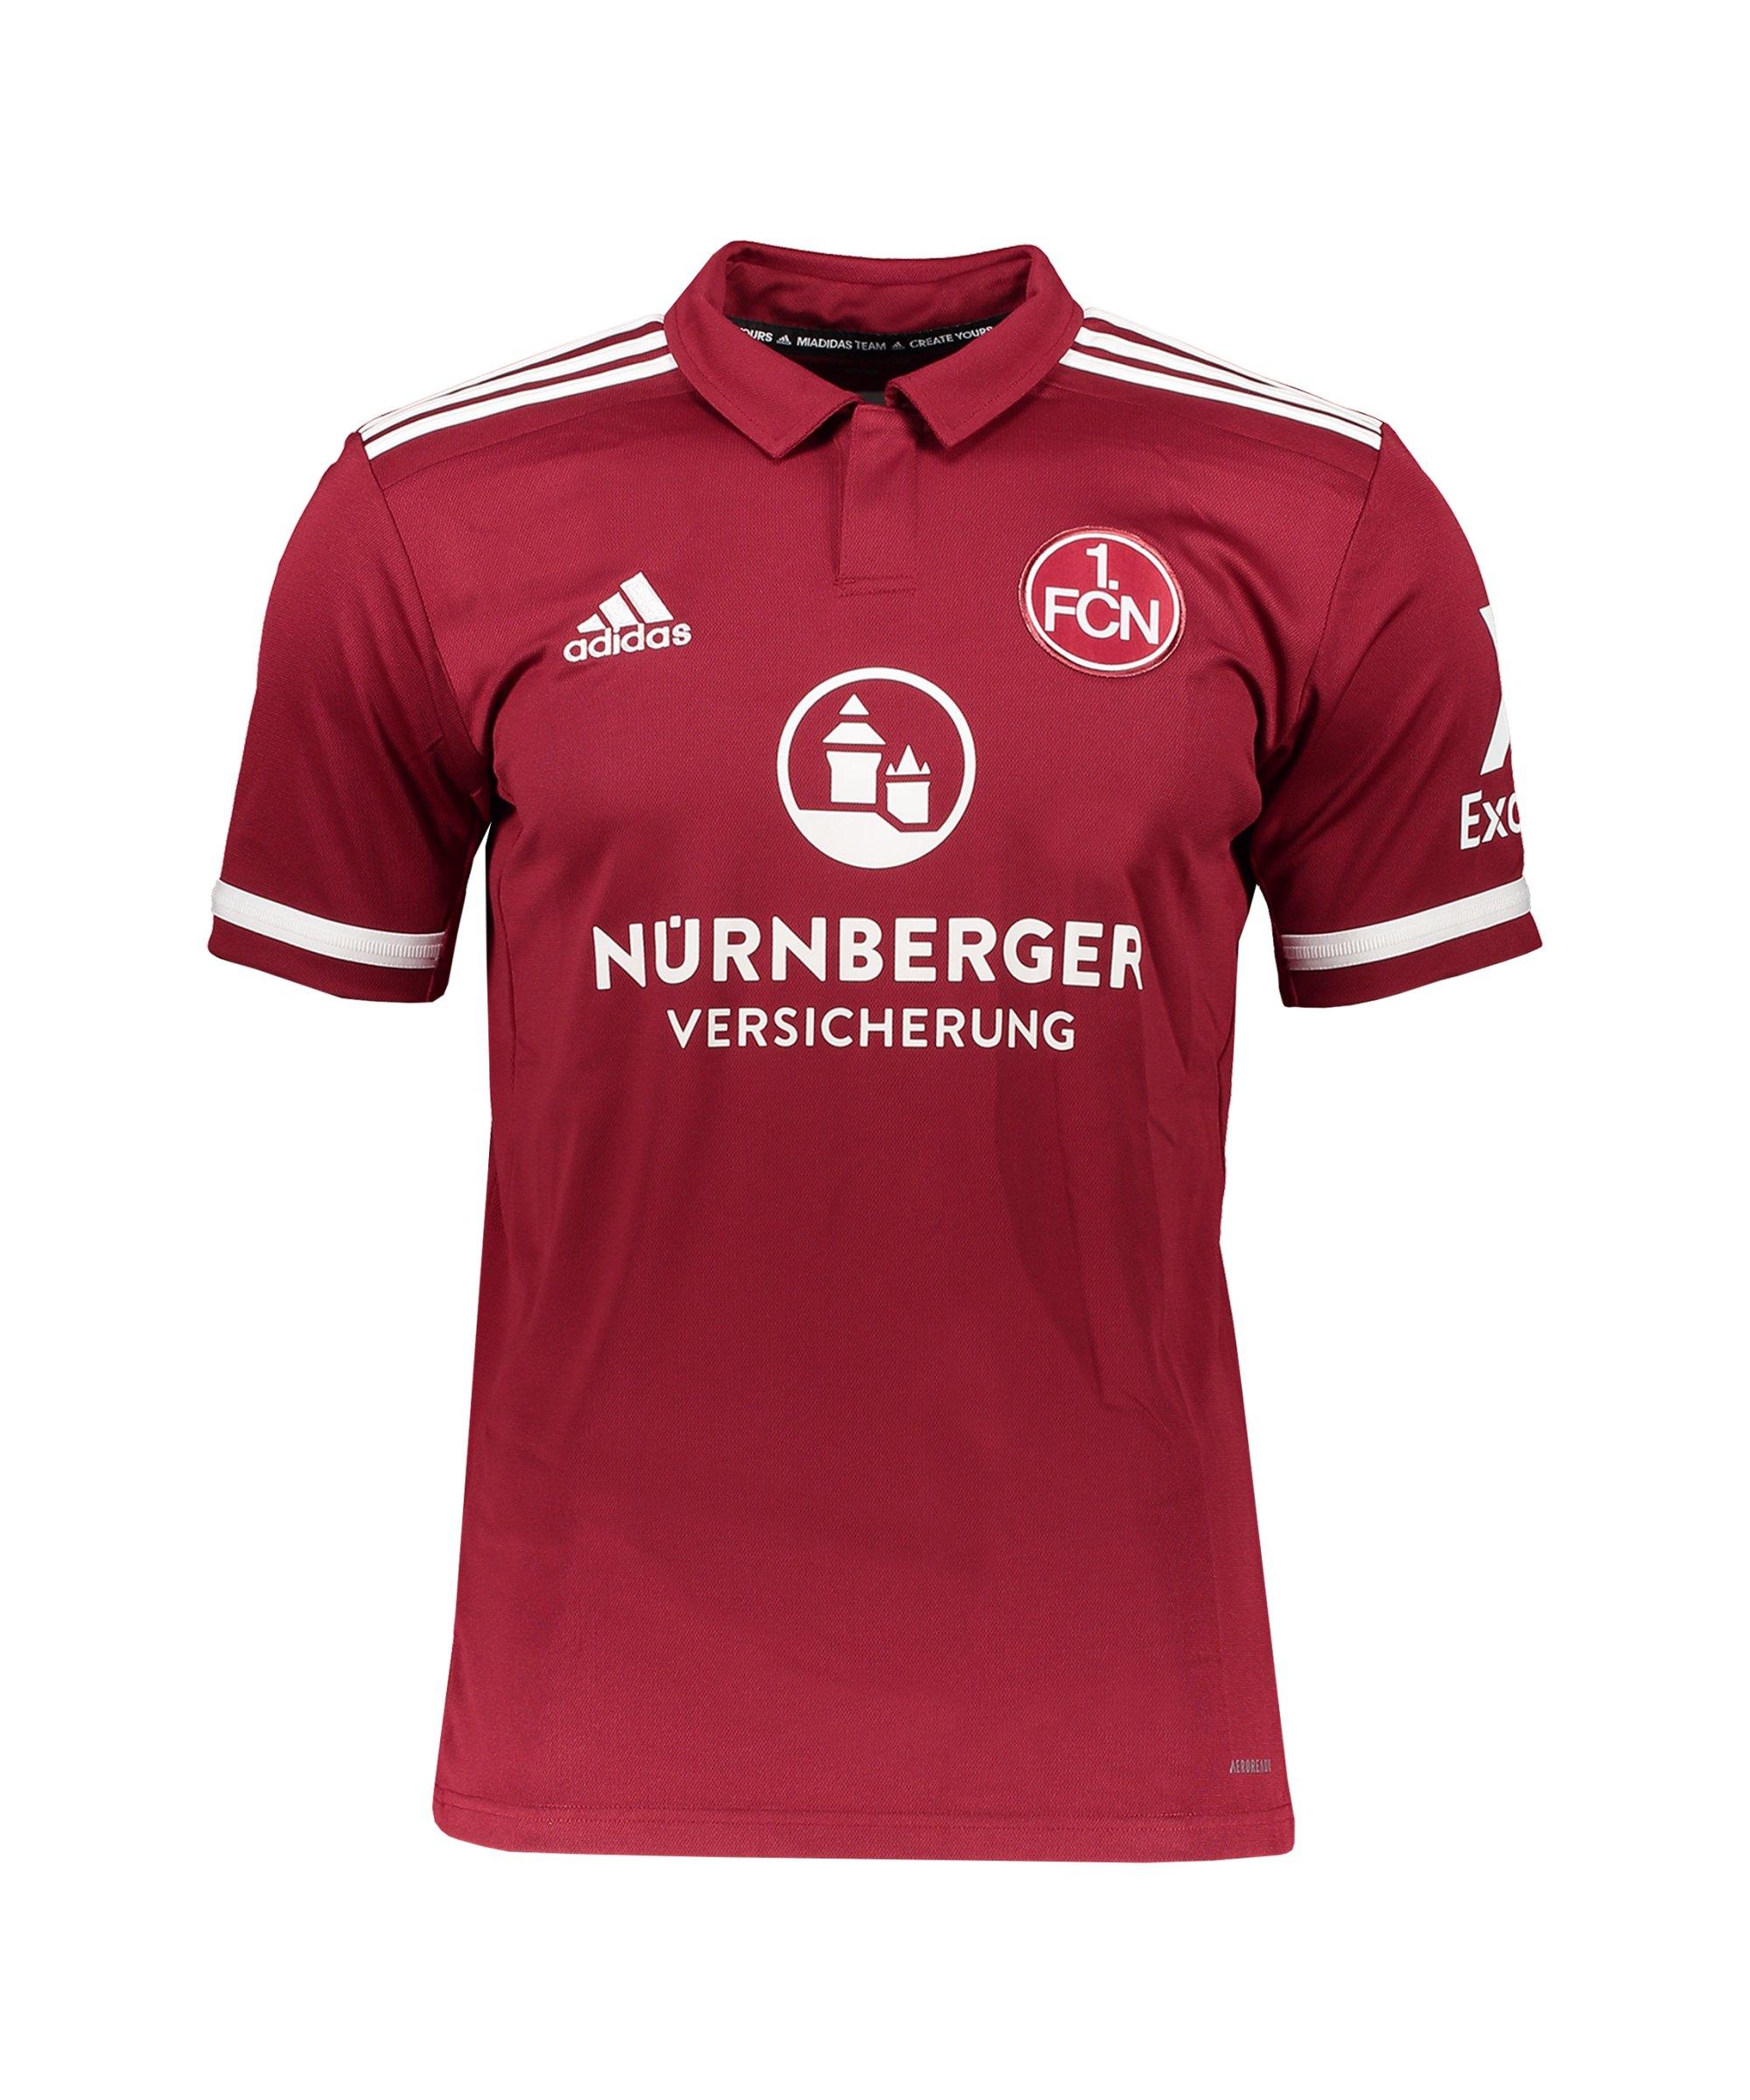 adidas 1. FC Nürnberg Trikot Home 2021/2022 Rot - rot